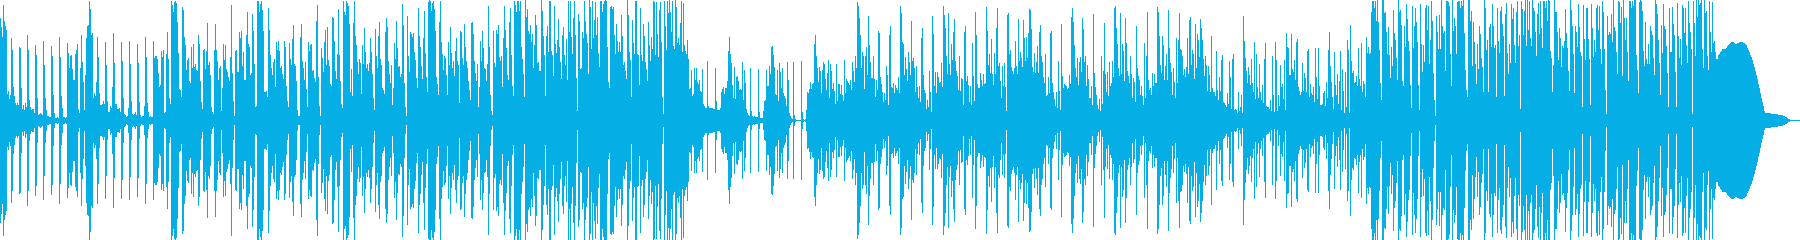 シンセメインの無機質なテクスチャーの再生済みの波形